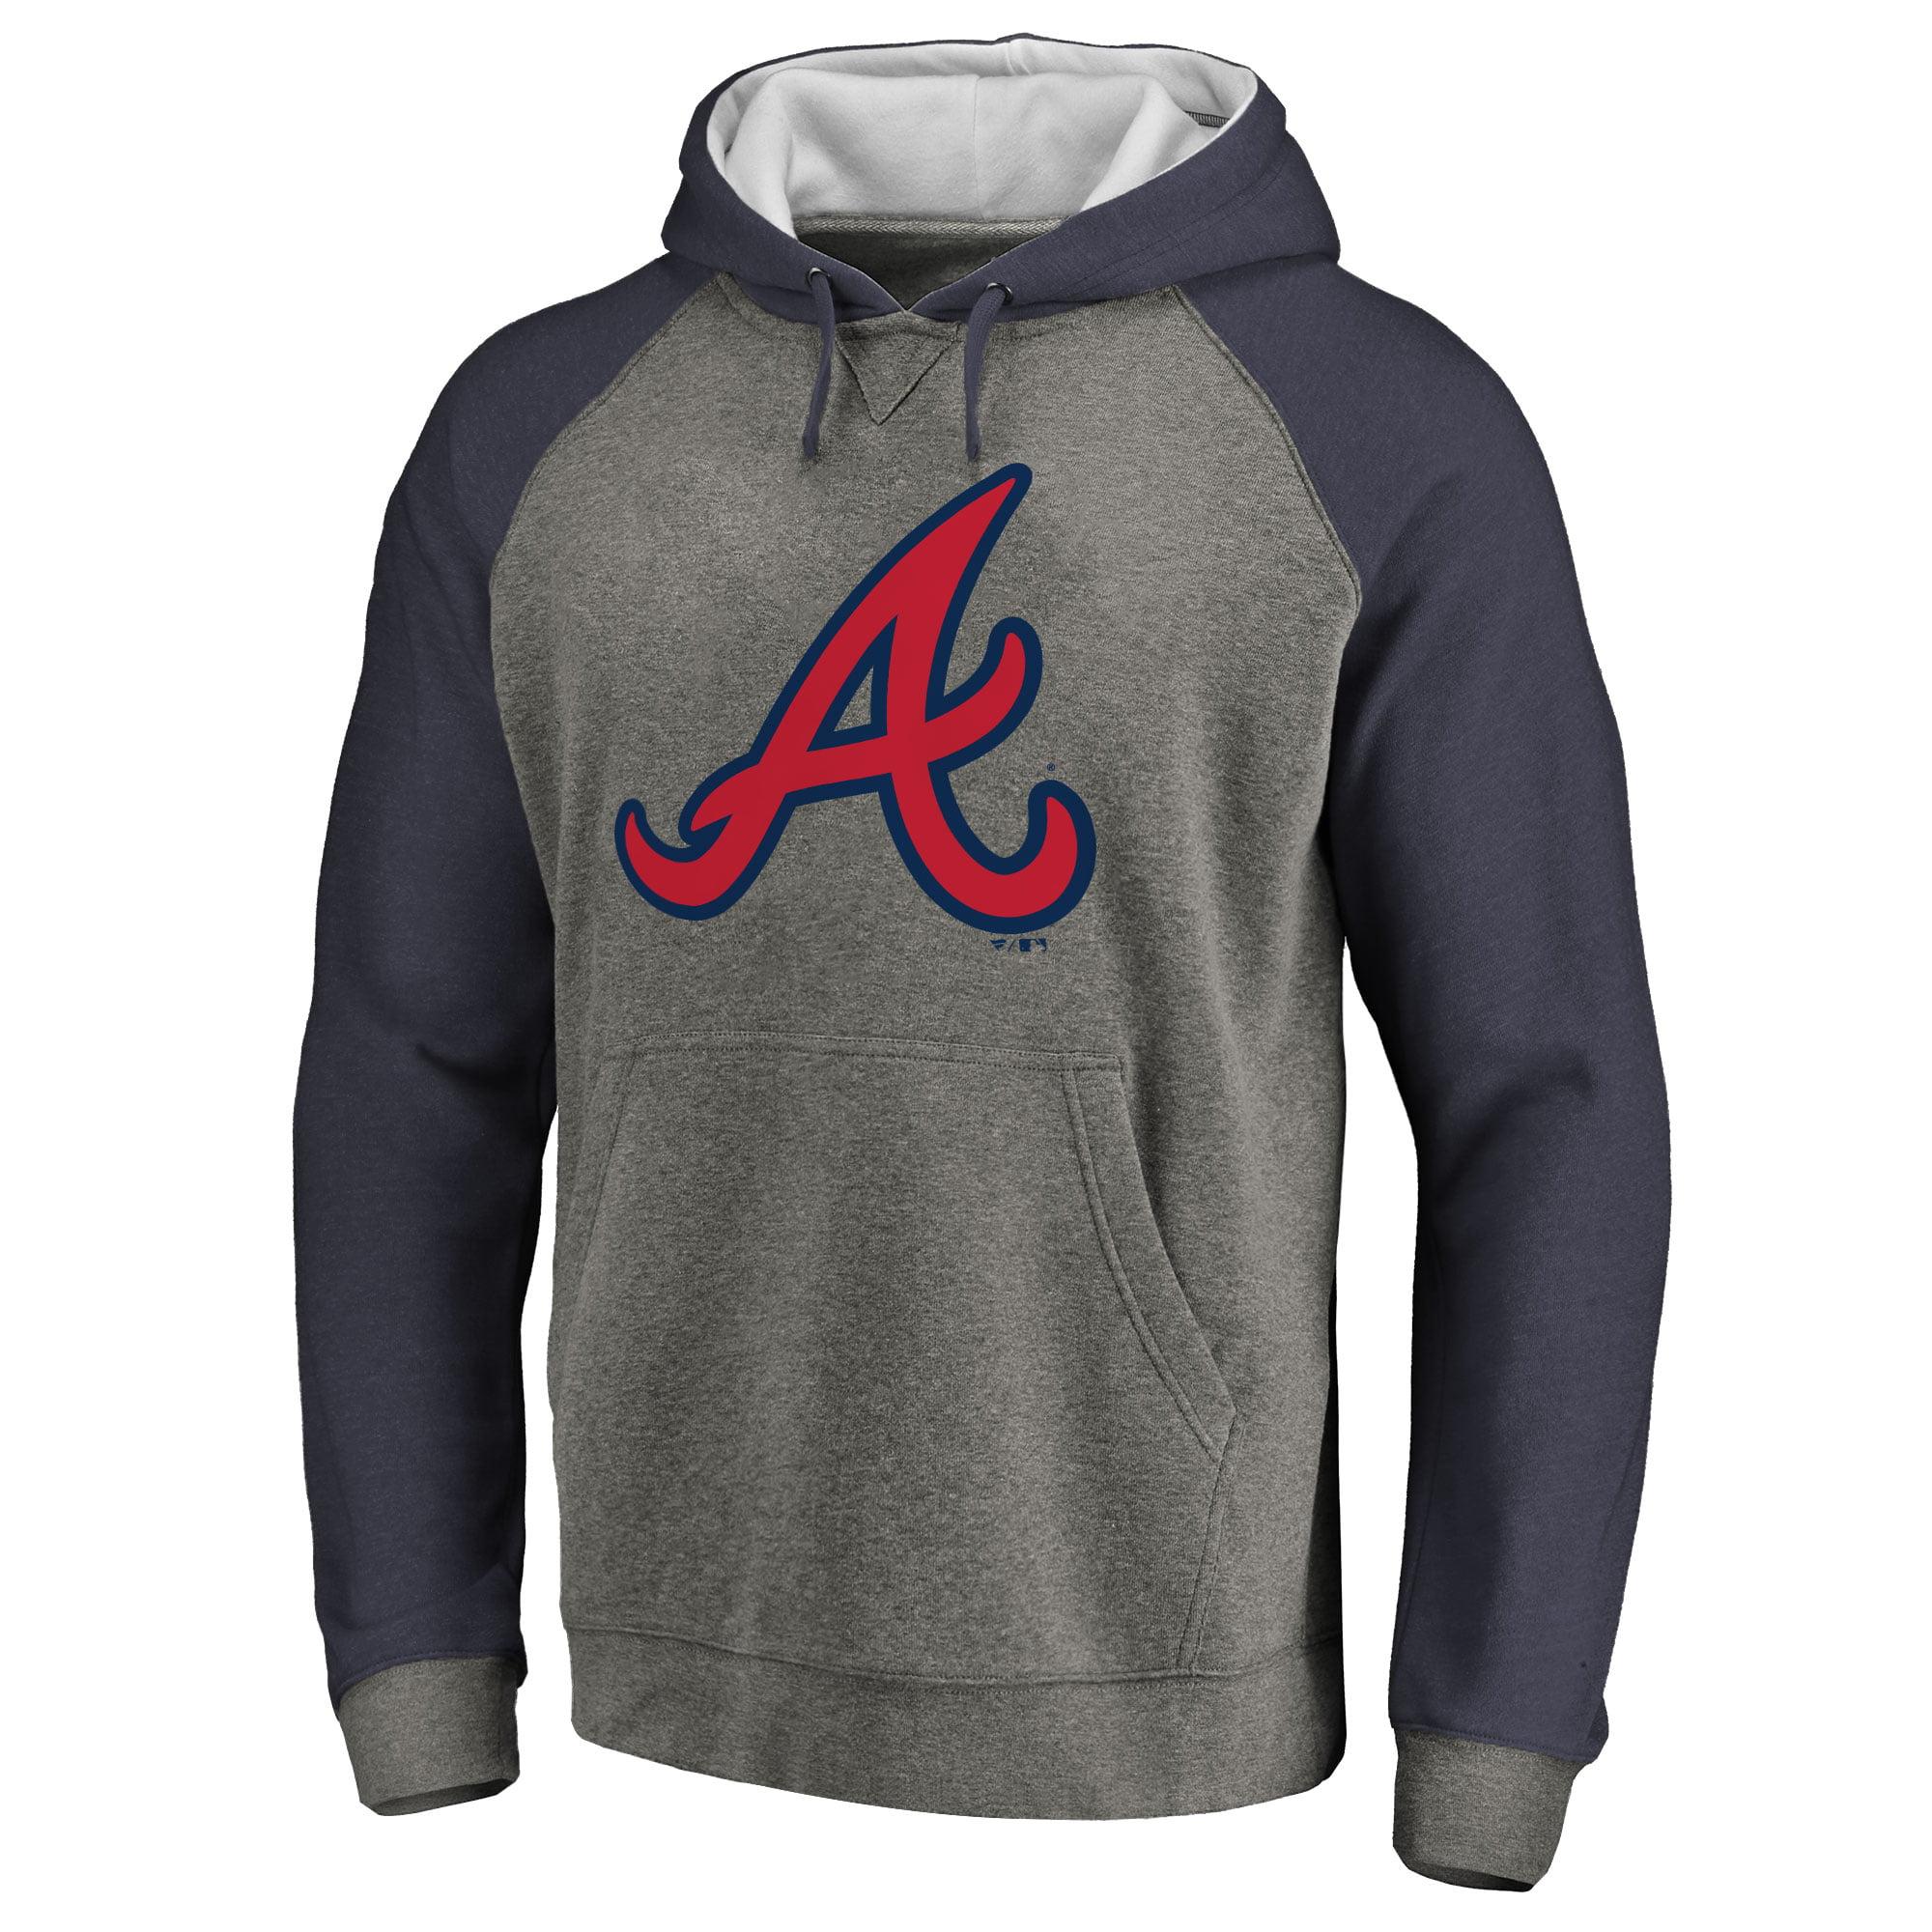 Atlanta Braves Primary Logo Raglan Sleeve Tri-Blend Pullover Hoodie - Ash